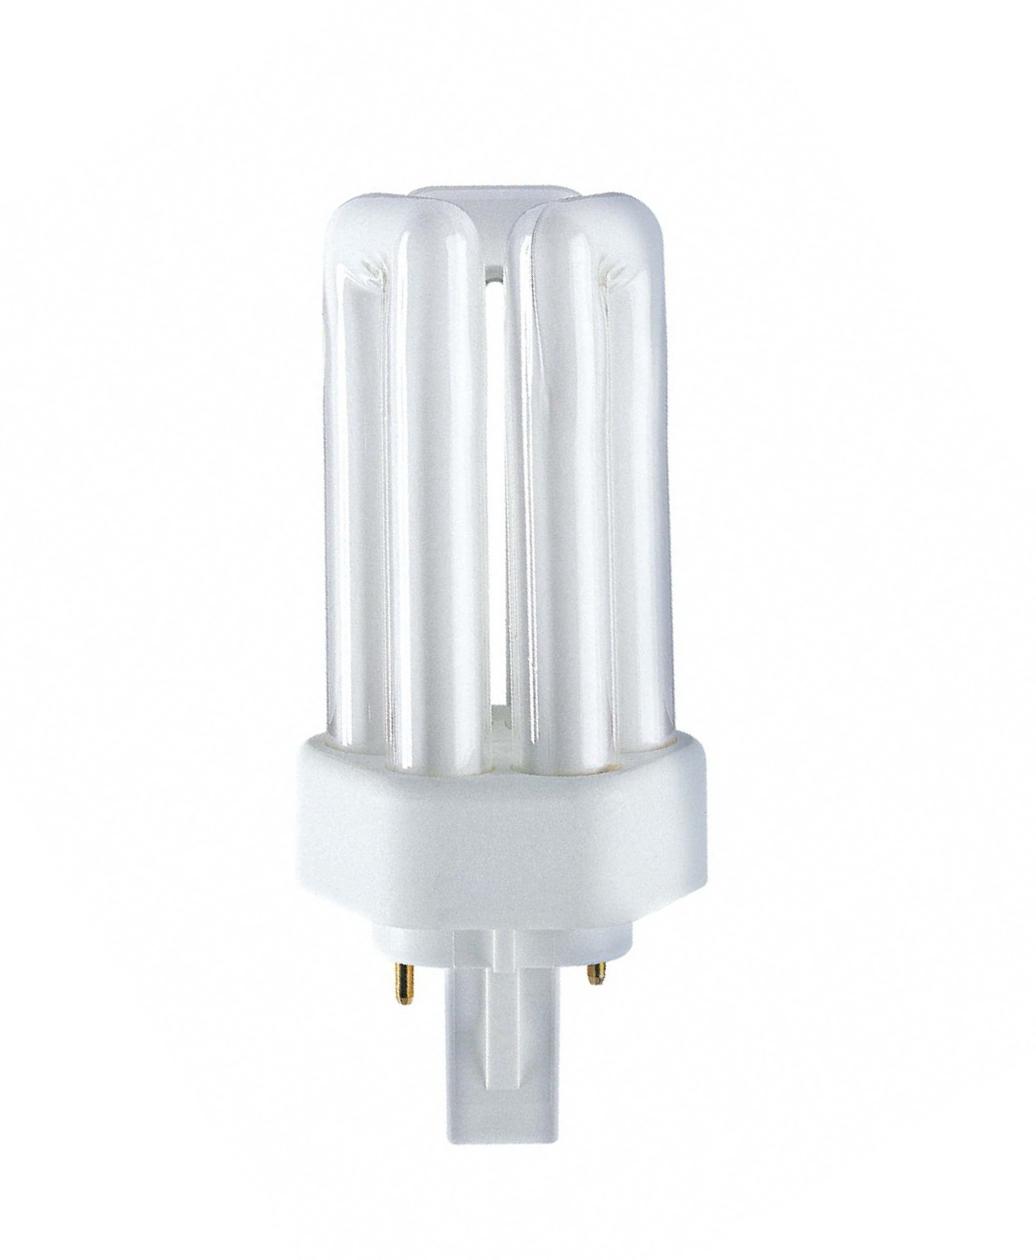 1 Stk TC-T 26W 830 Gx24D-3, Kompaktleuchtstofflampe LI5V342061